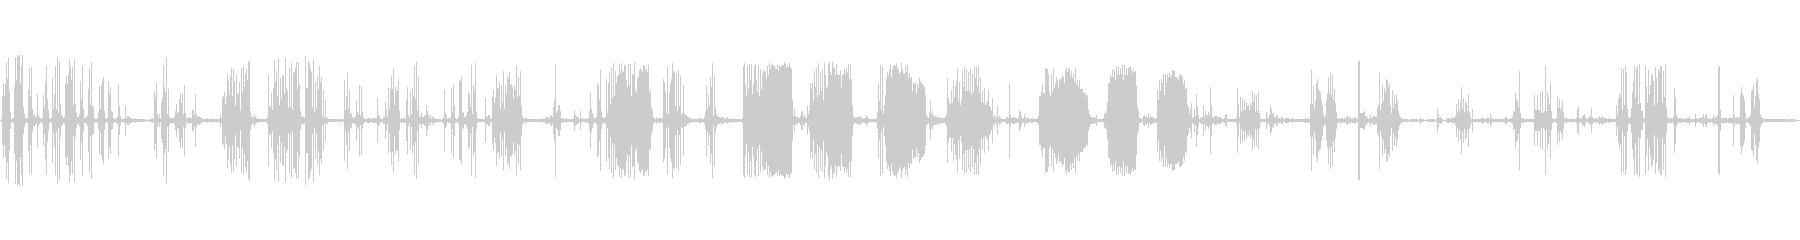 野生のタヌキ:怒っている聖歌隊、ク...の未再生の波形